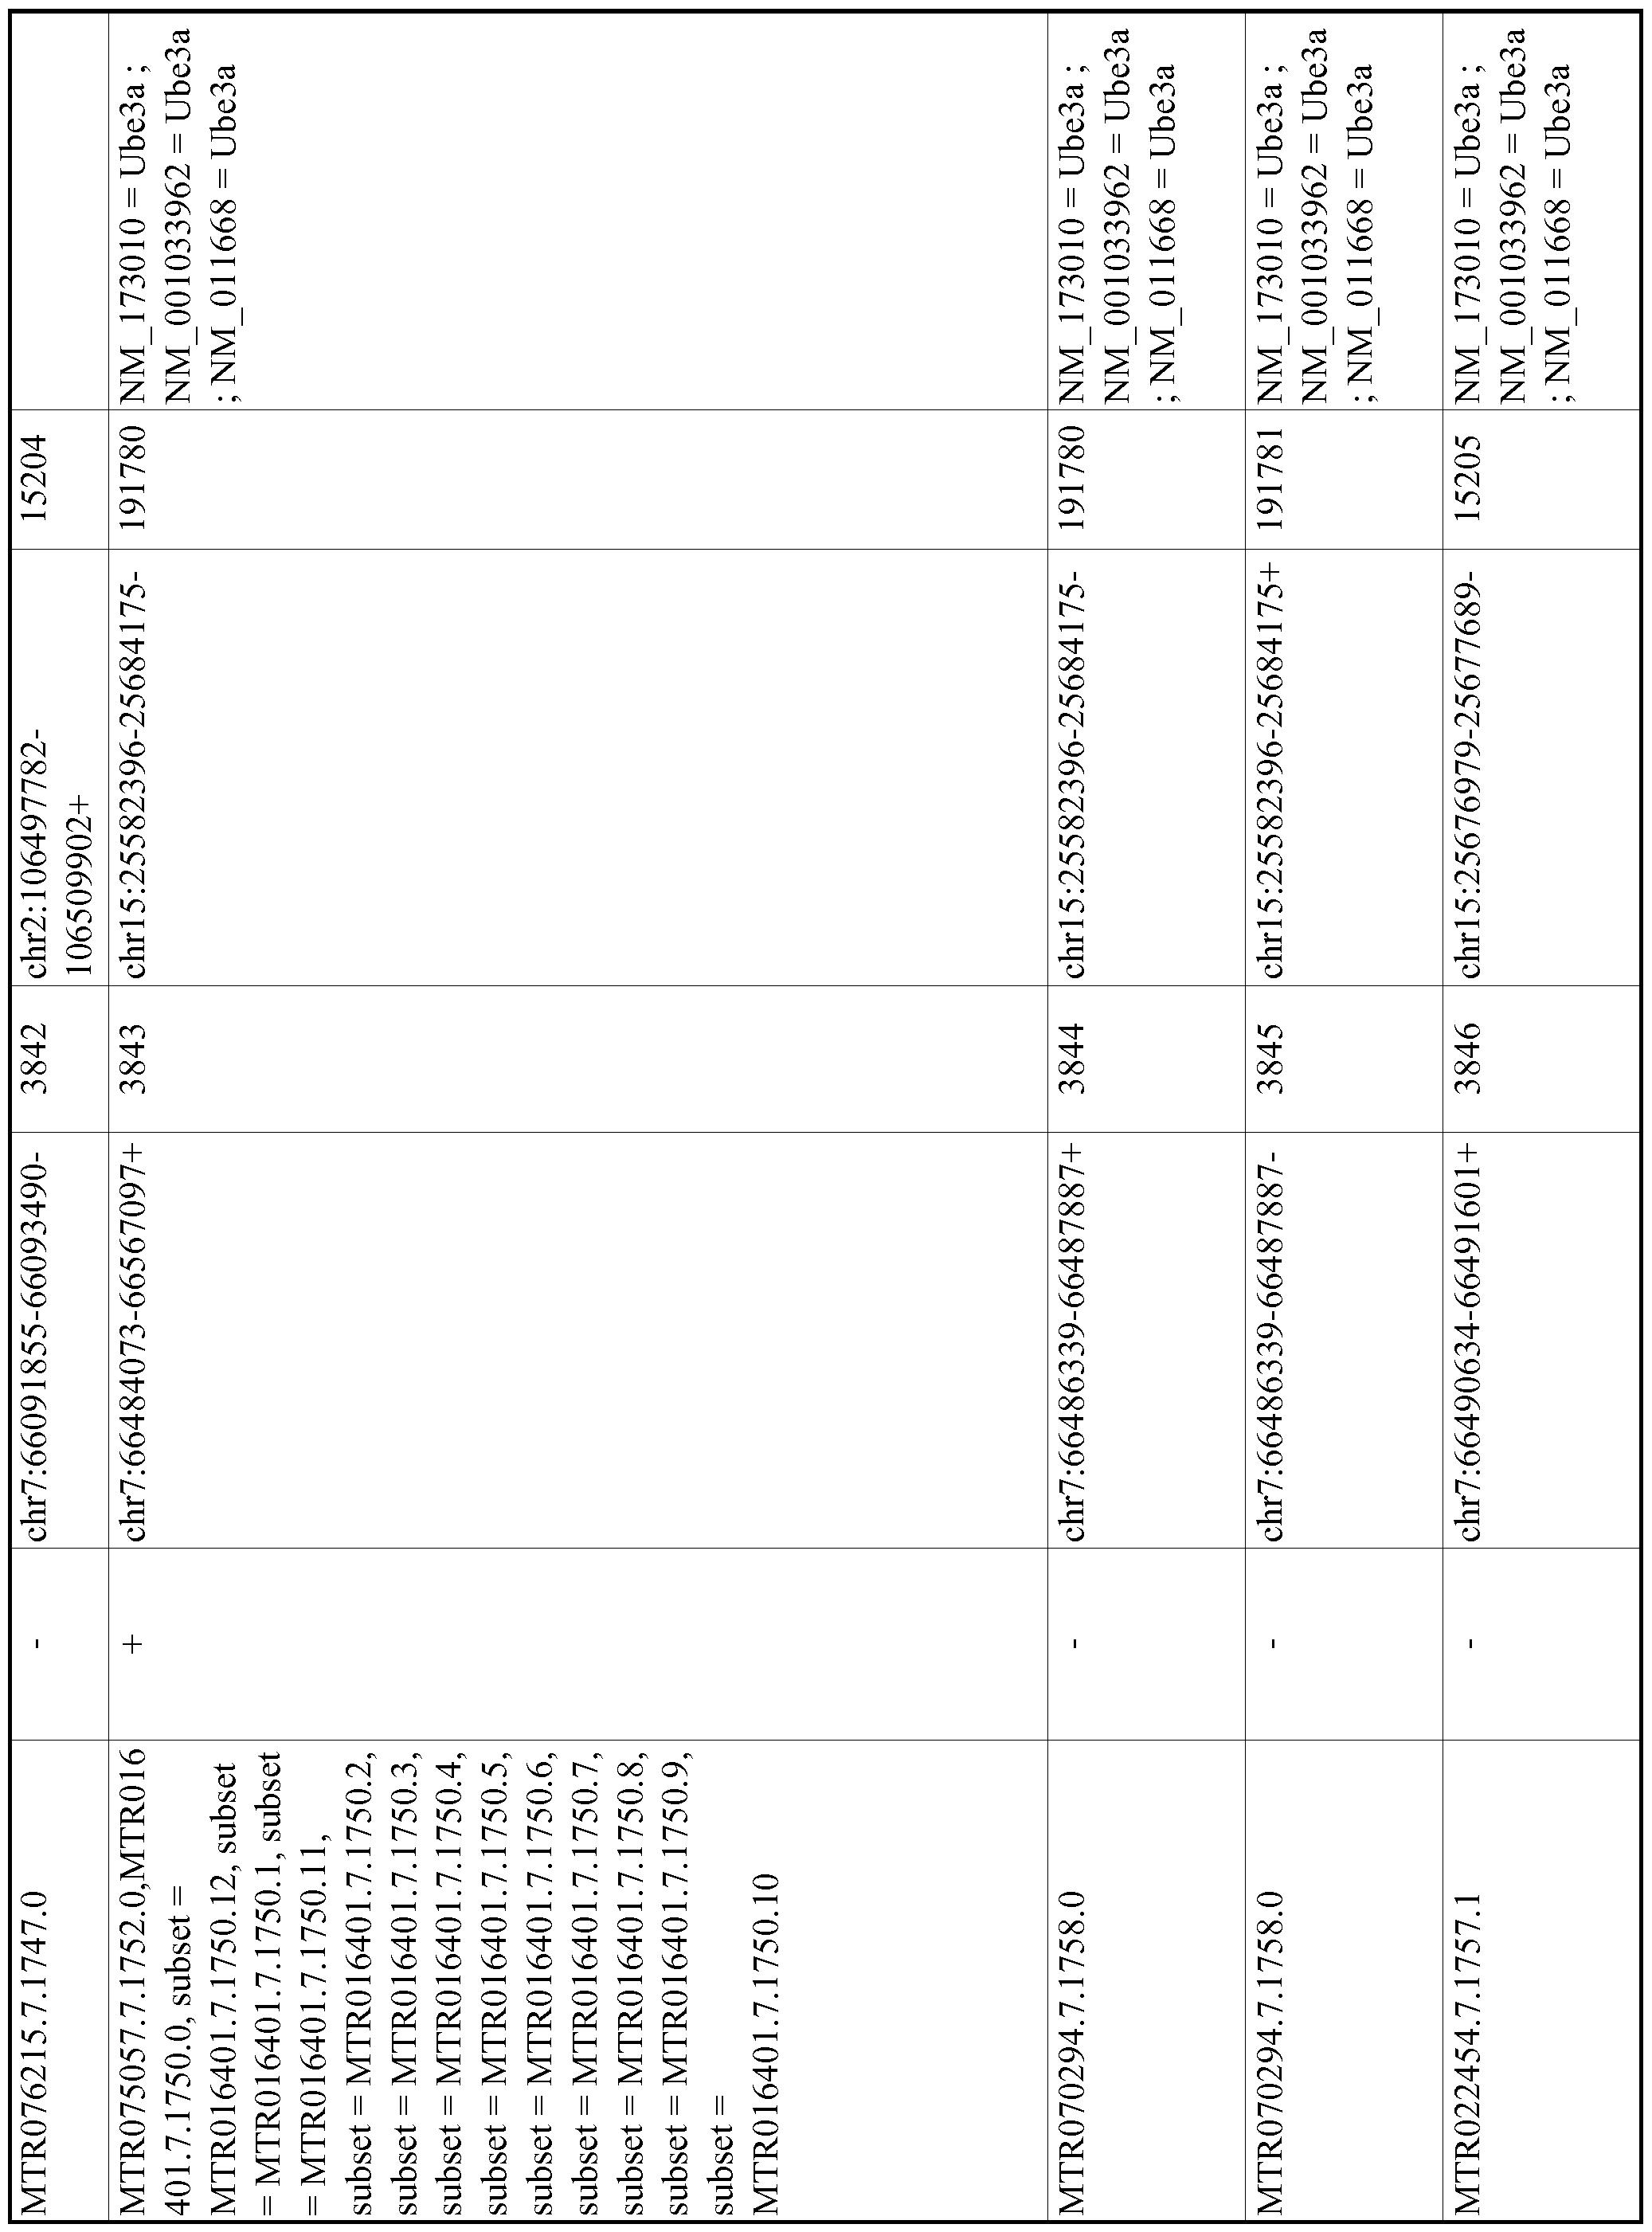 Figure imgf000738_0001